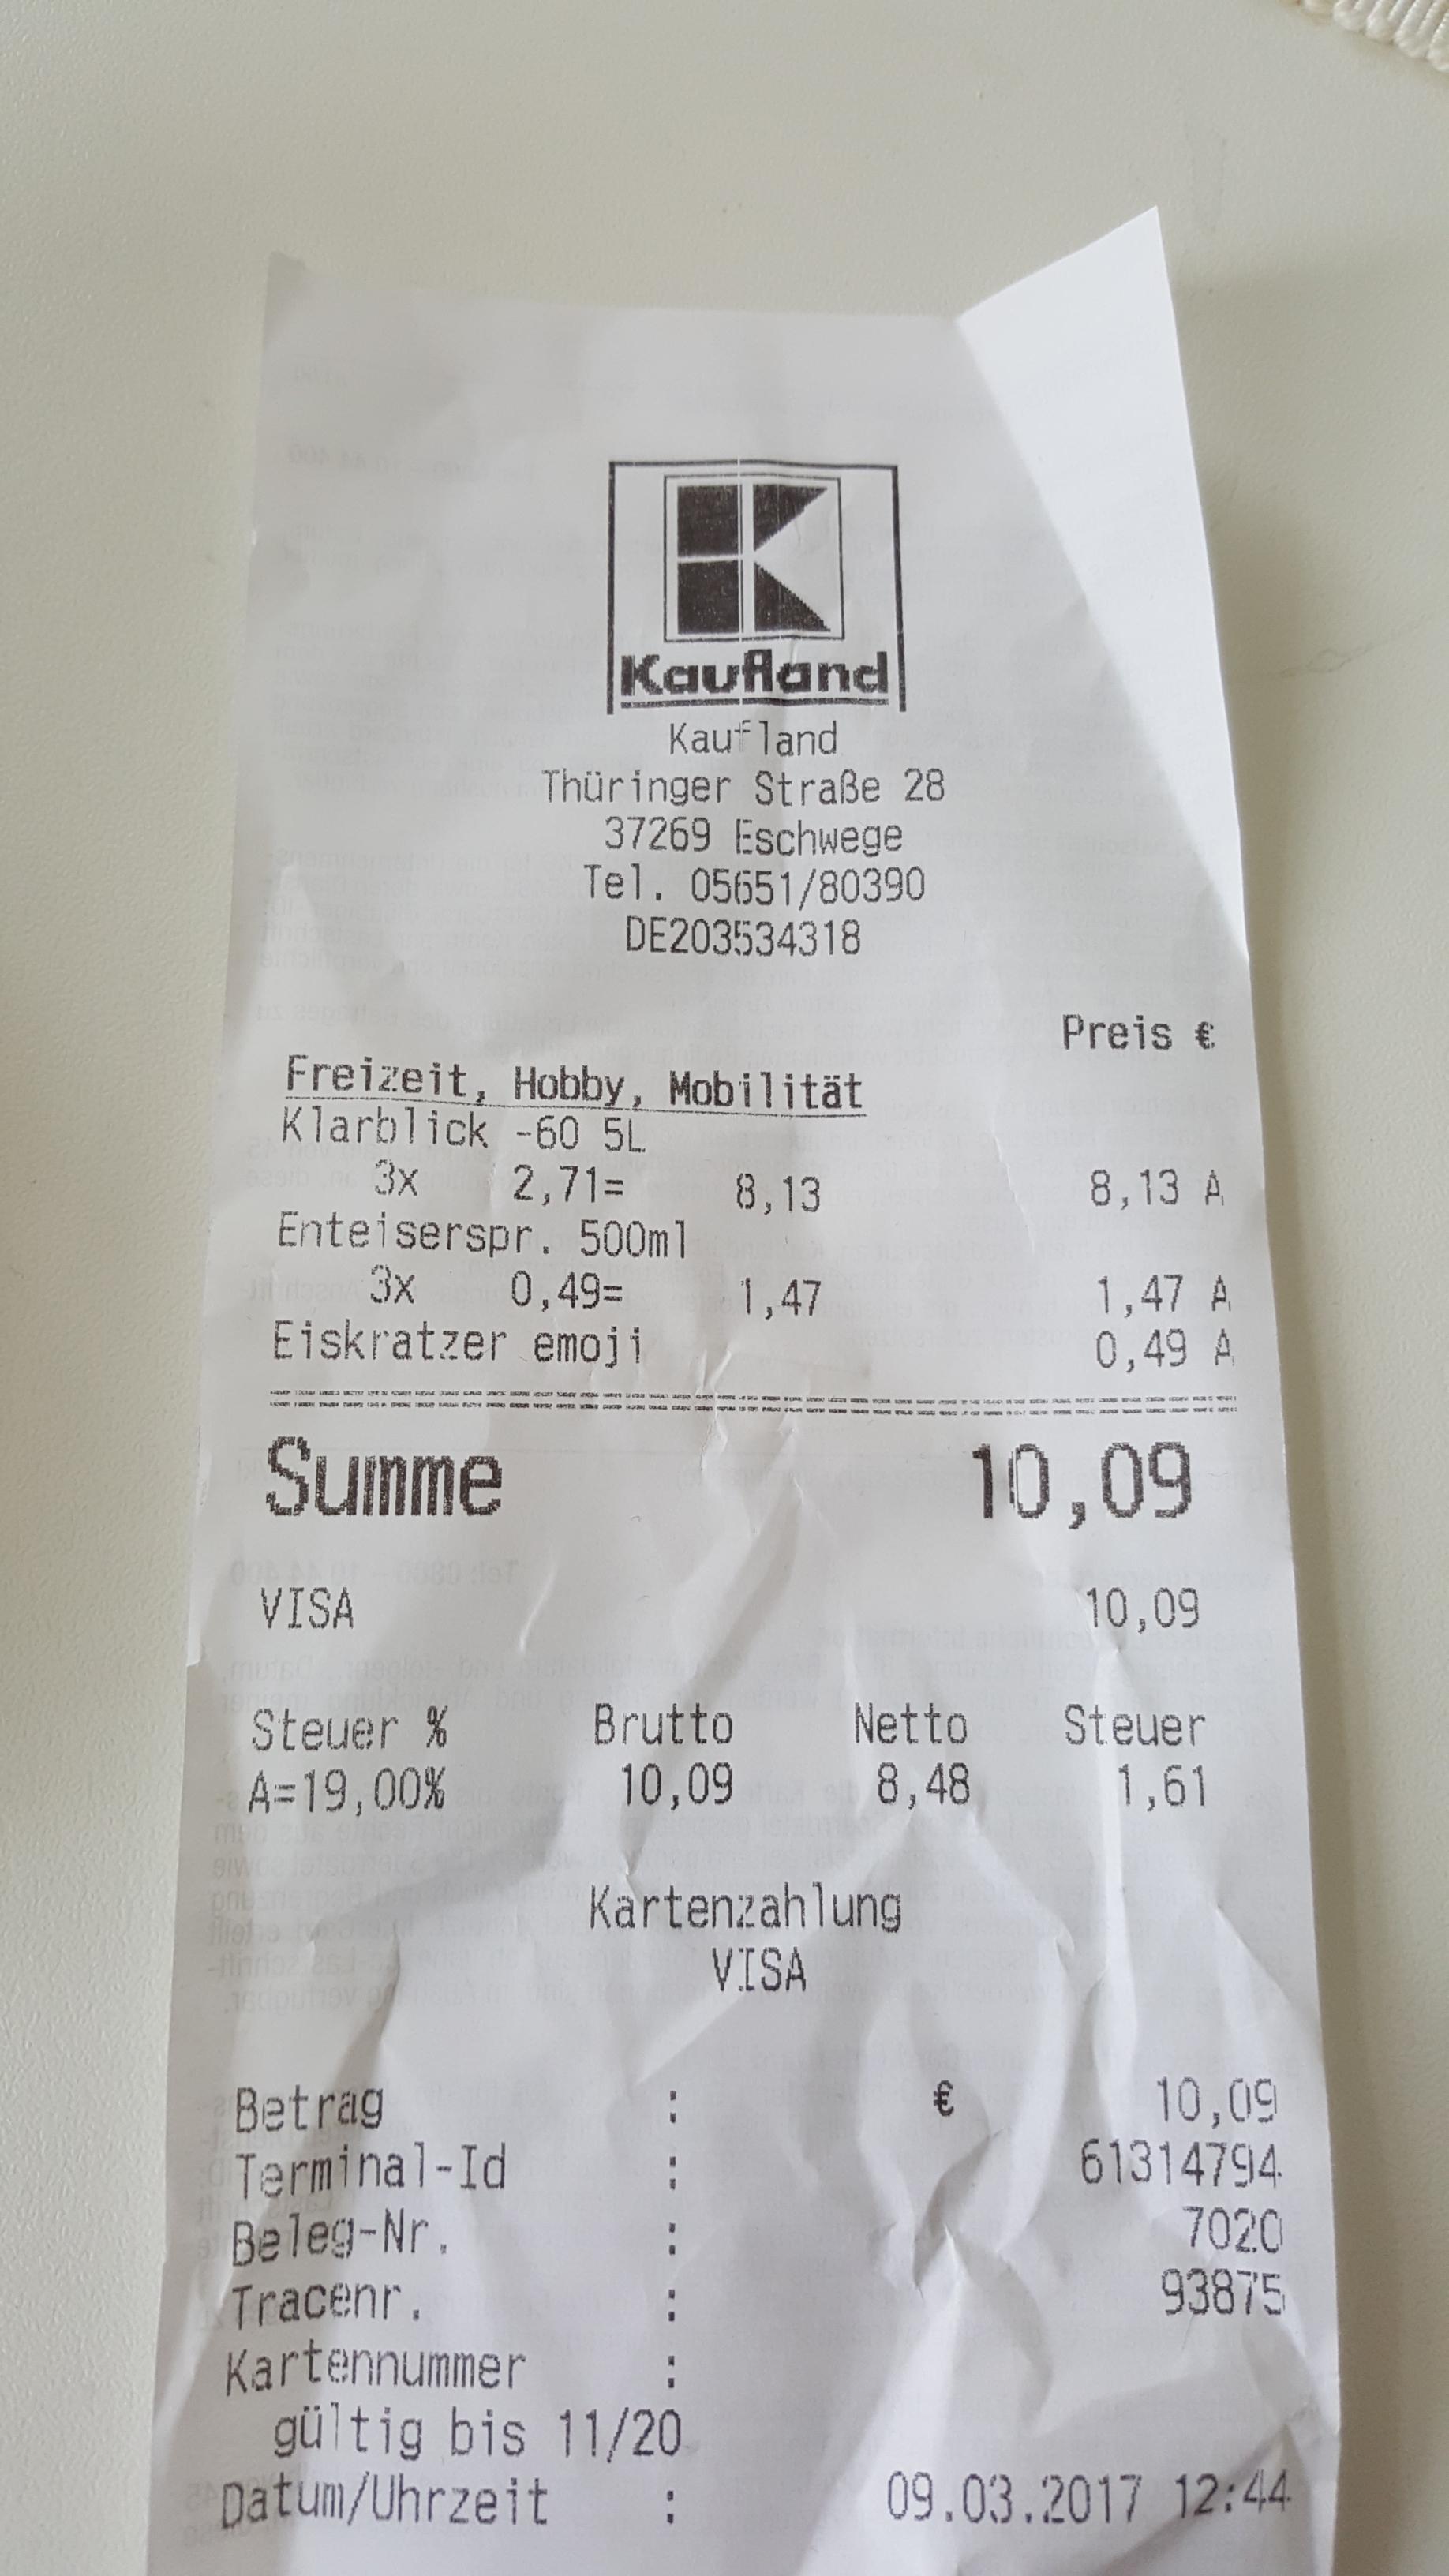 Lokal Eschwege Kaufland - Frostschutz -60 °C 5 Liter 2,71 €